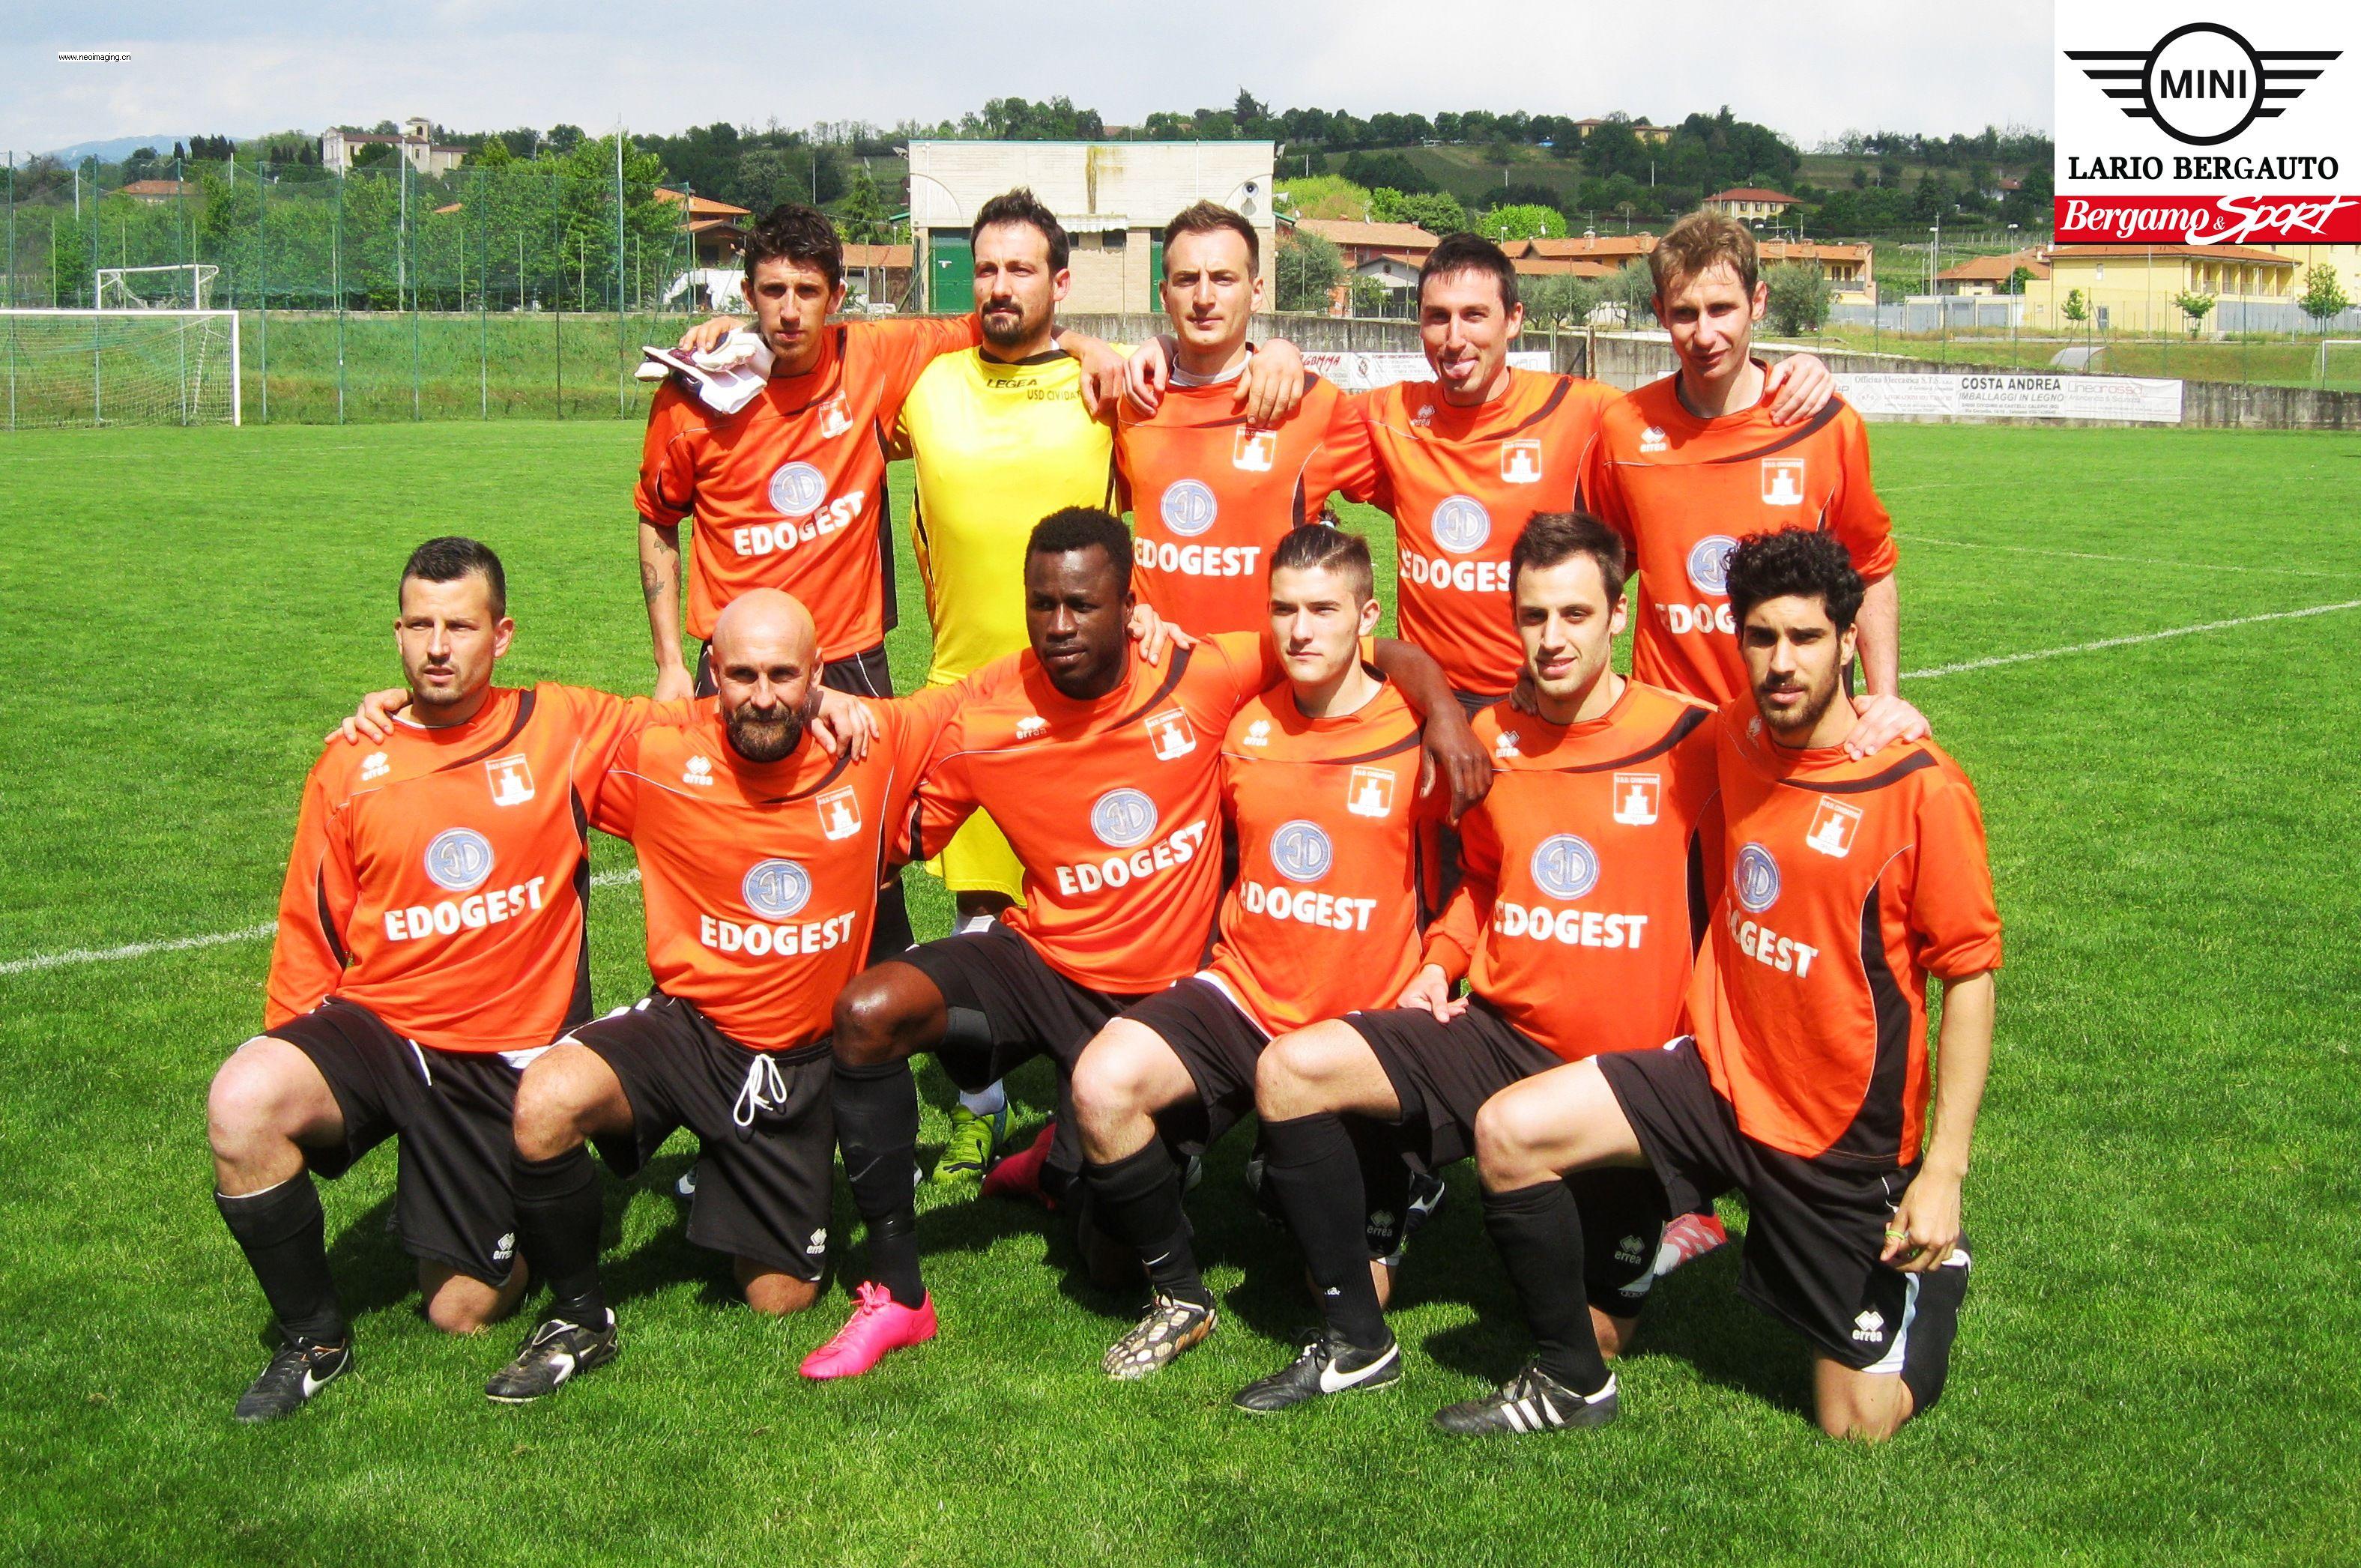 Seconda Bergamo e Sport